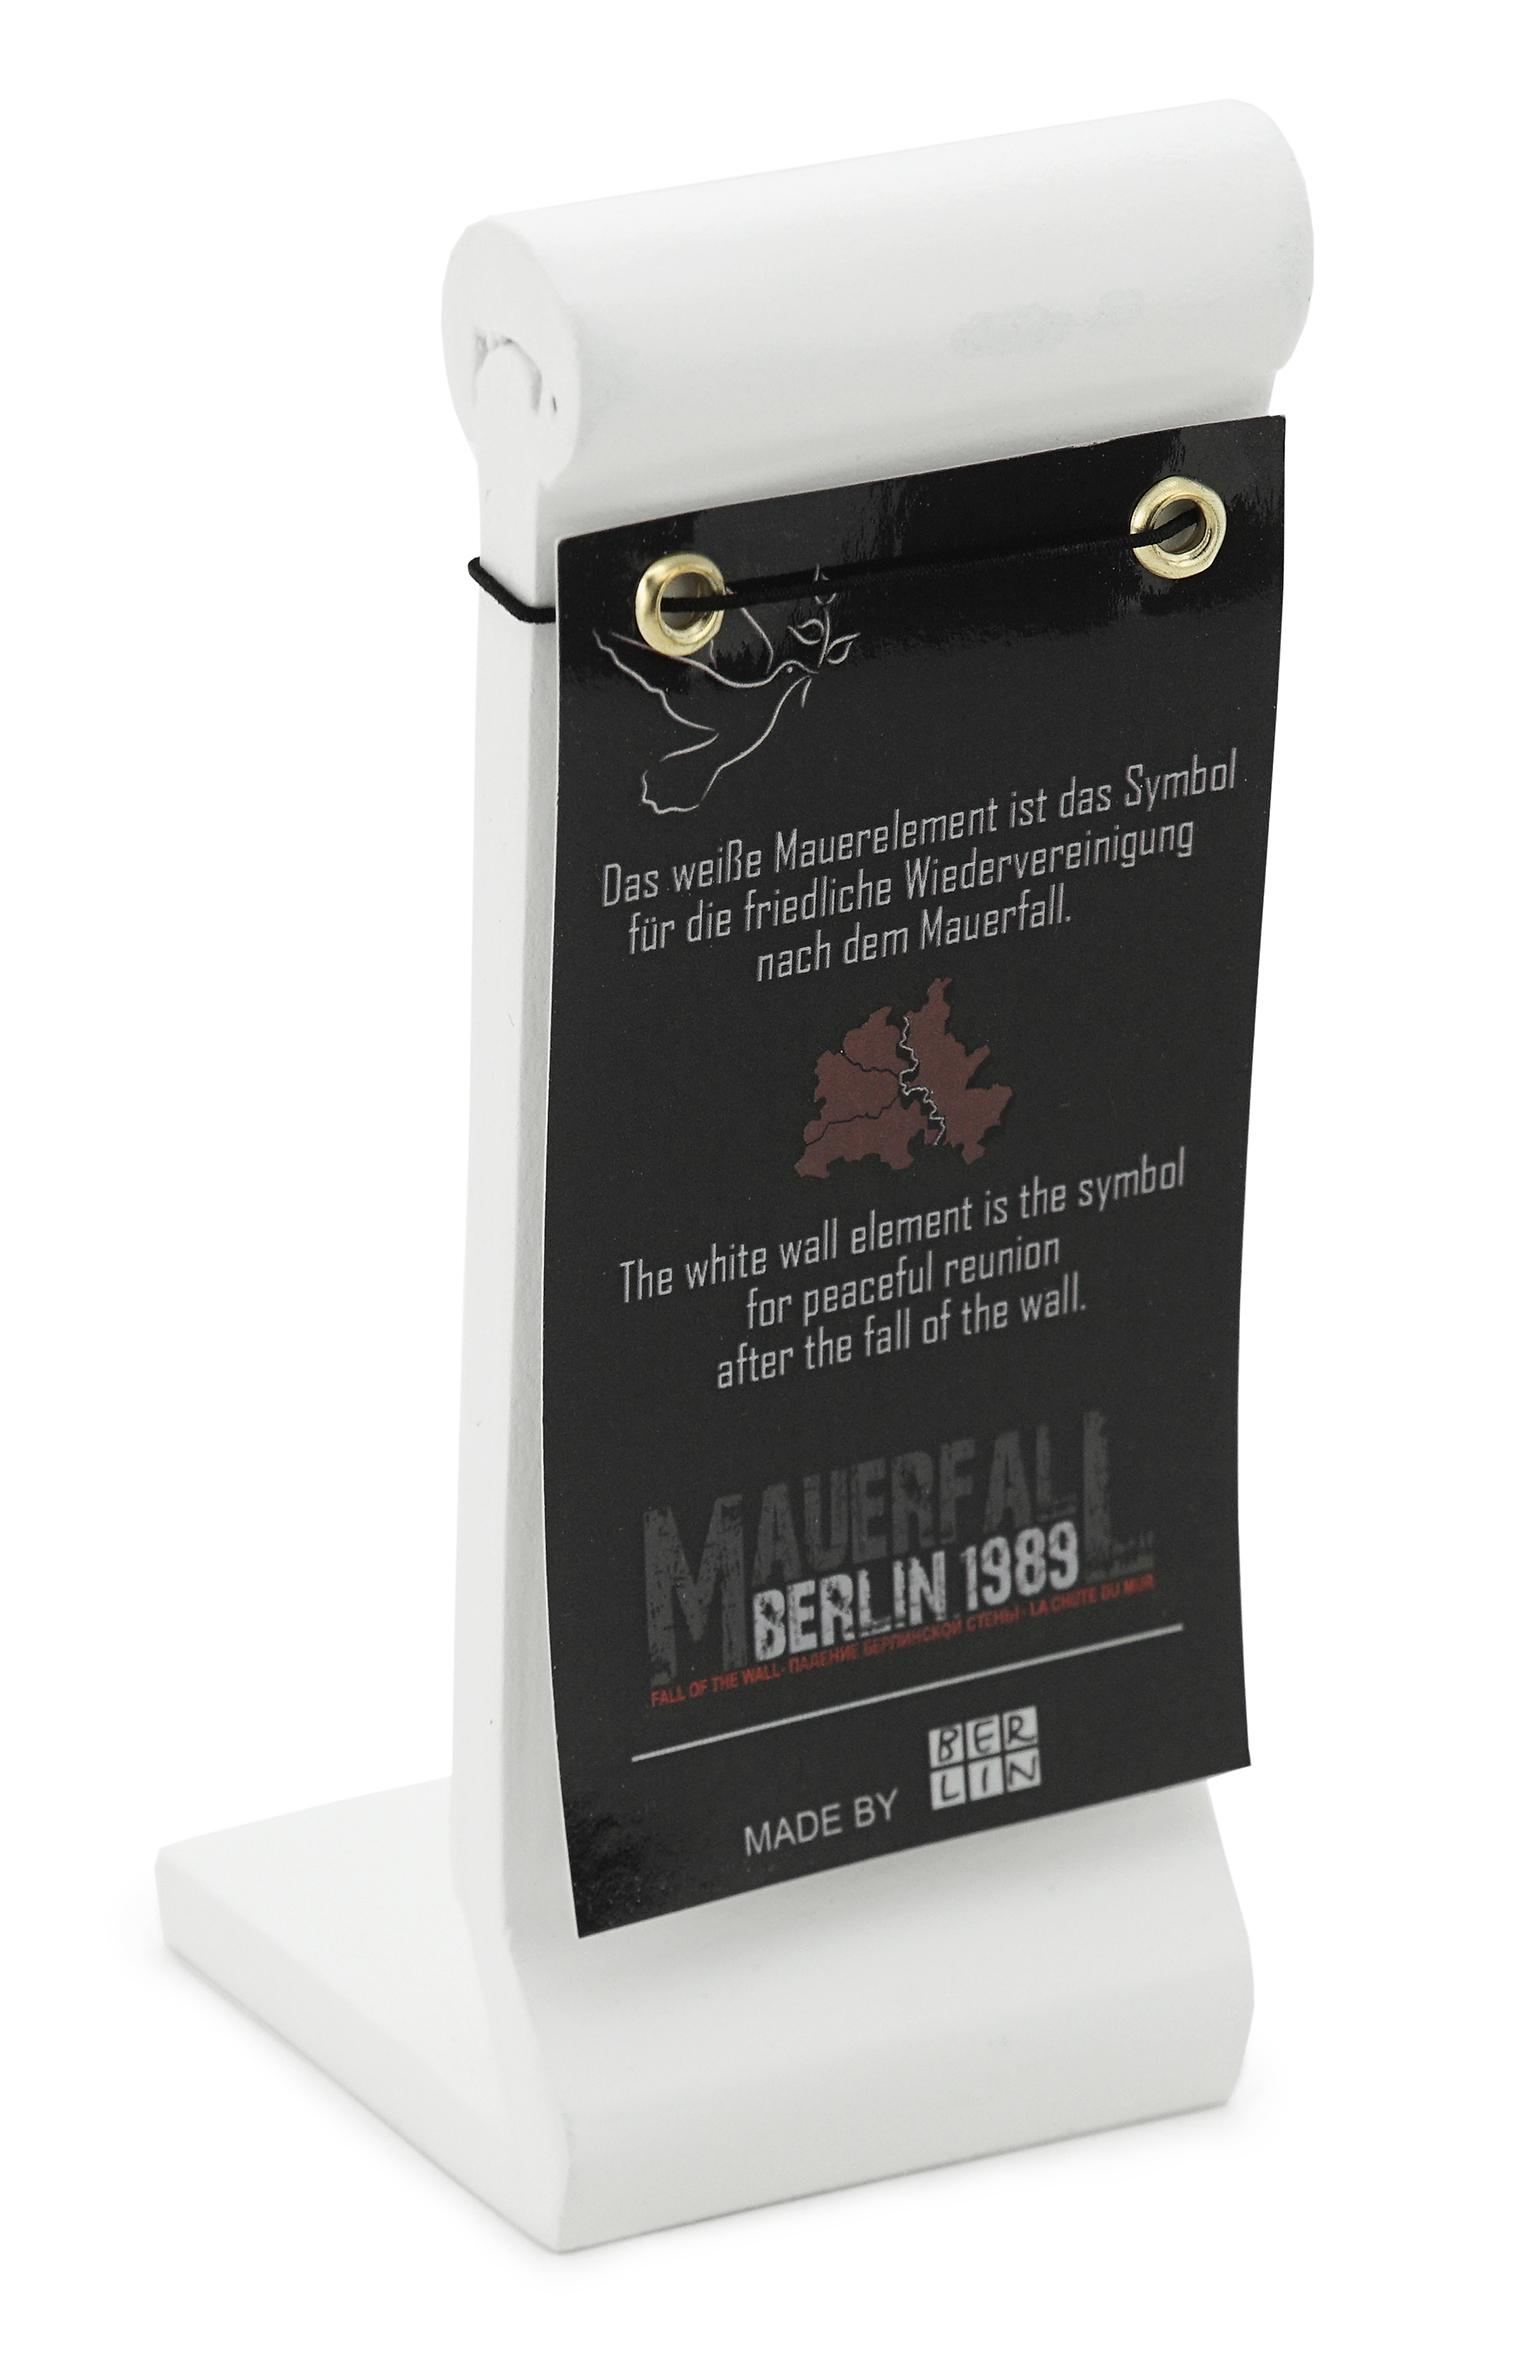 080-2020 Premium Miniatur Mauerelement